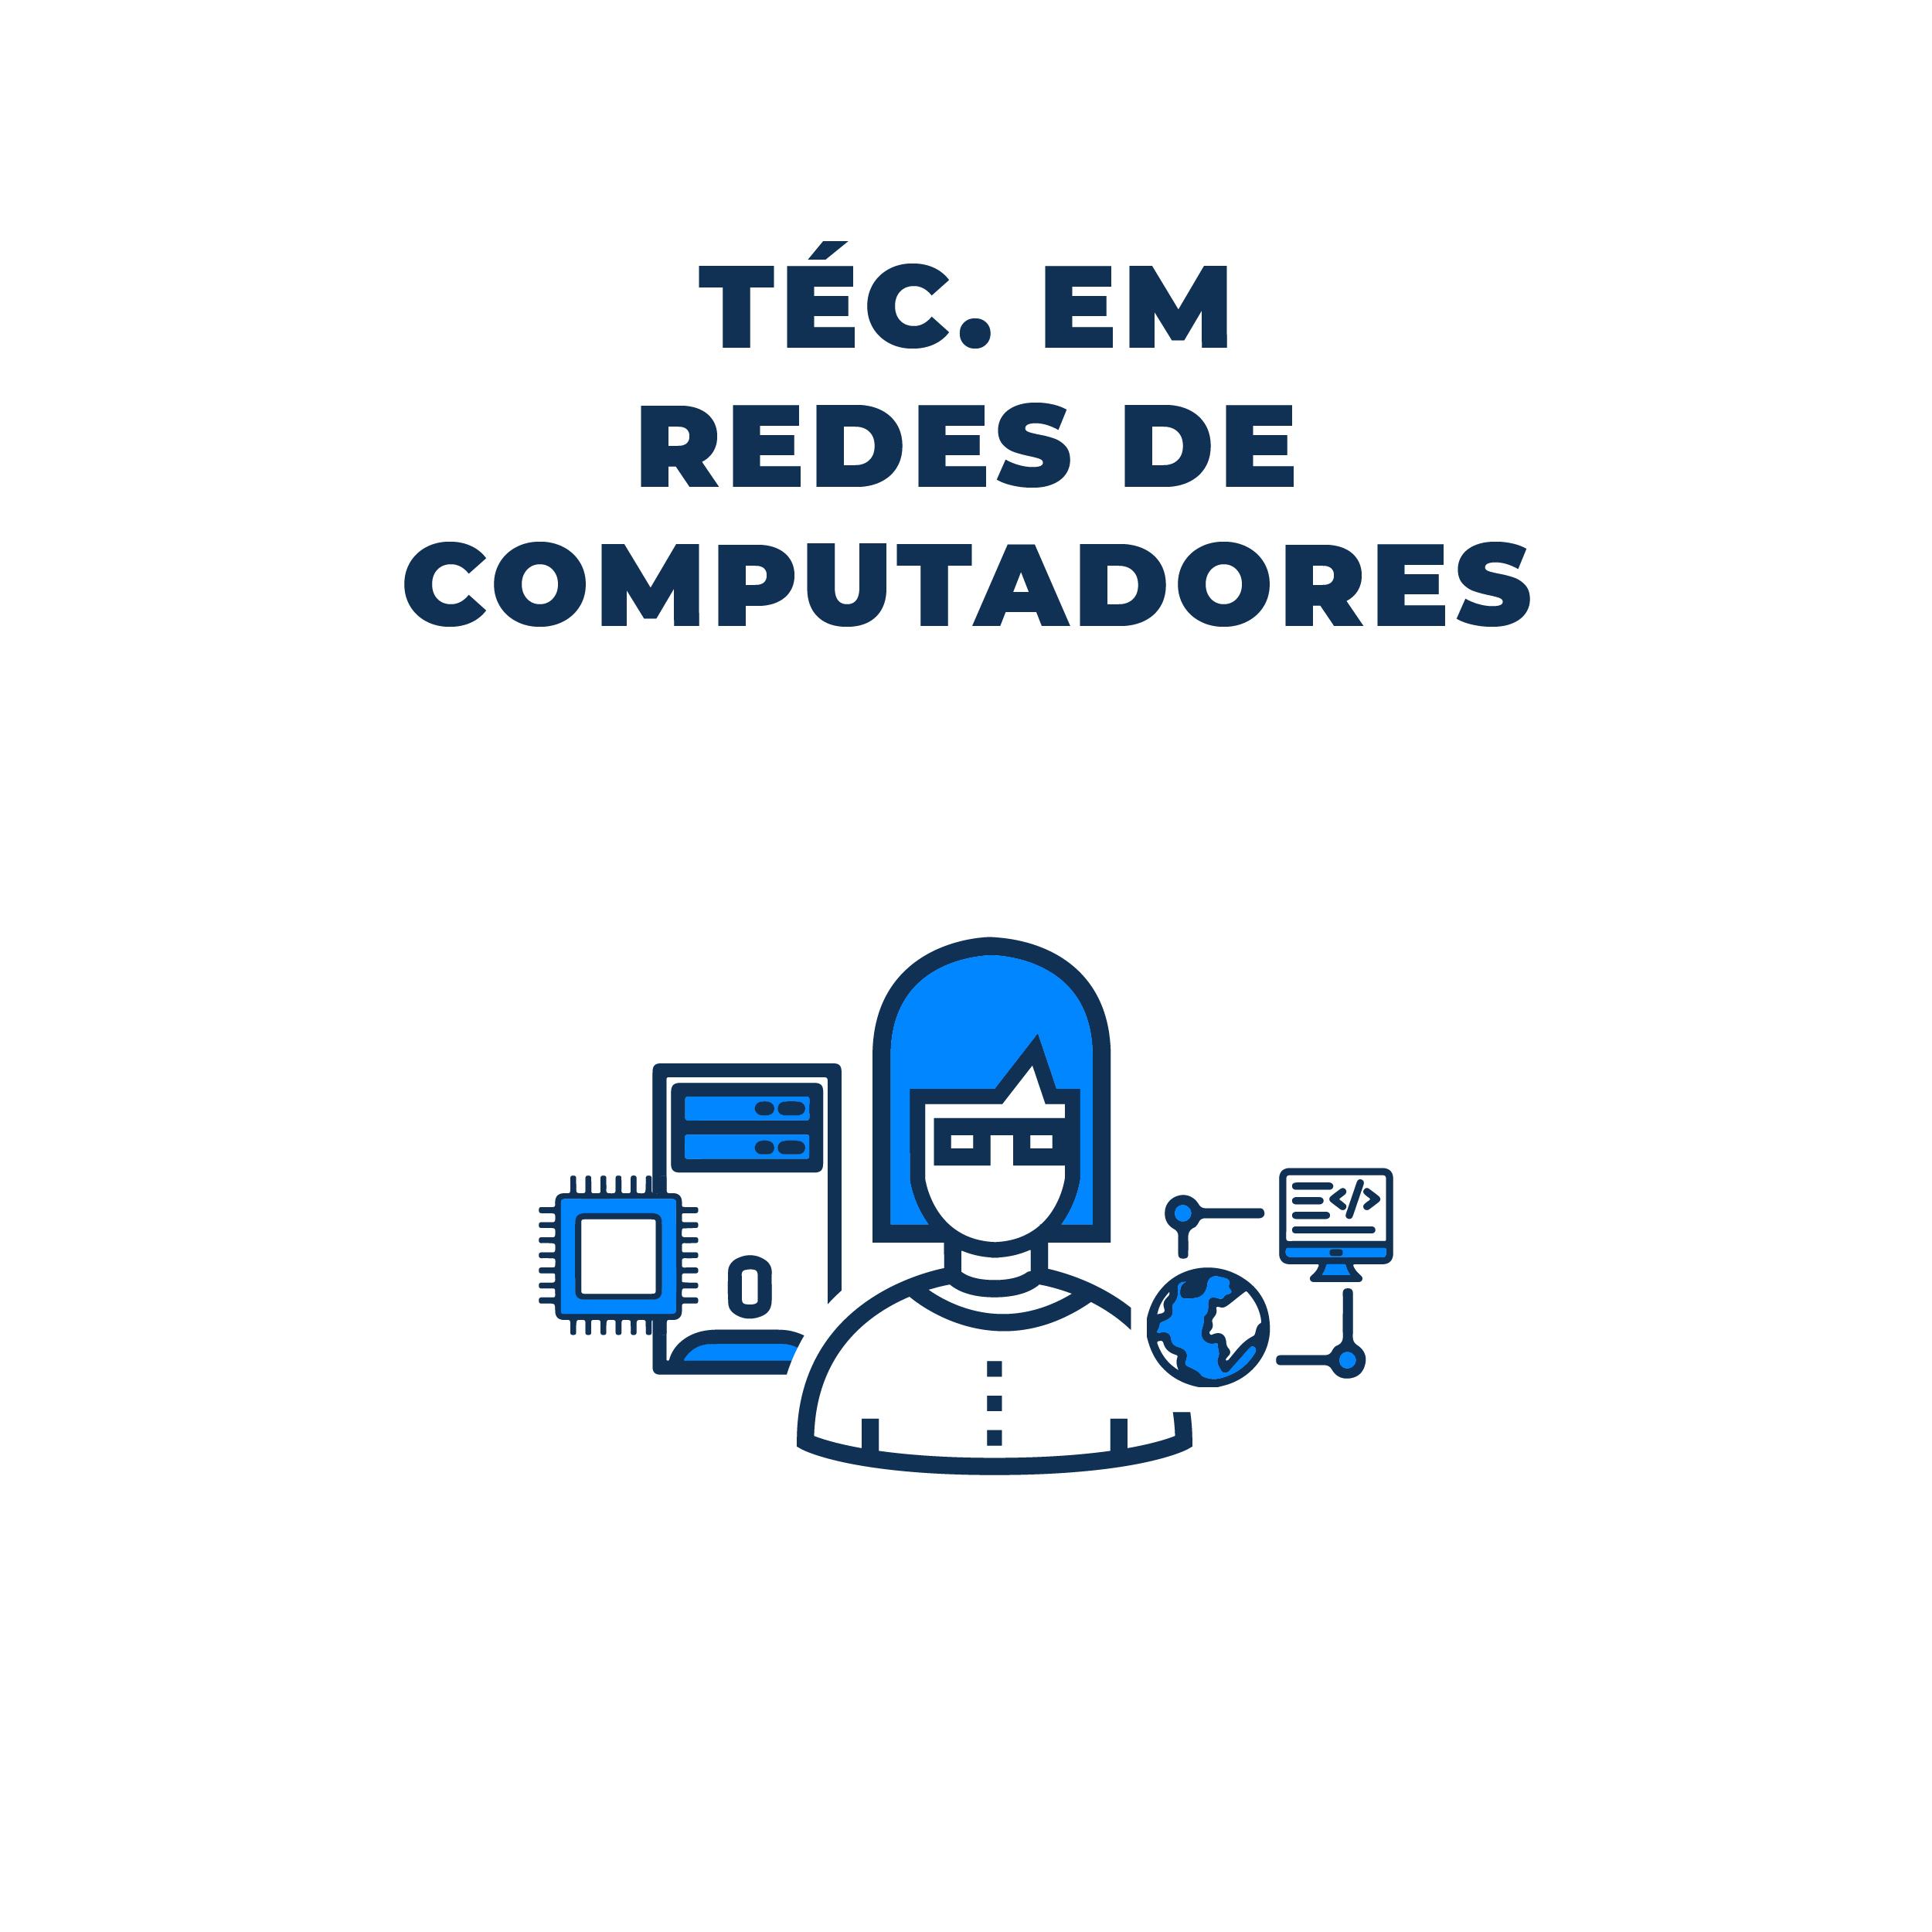 rede de computdores